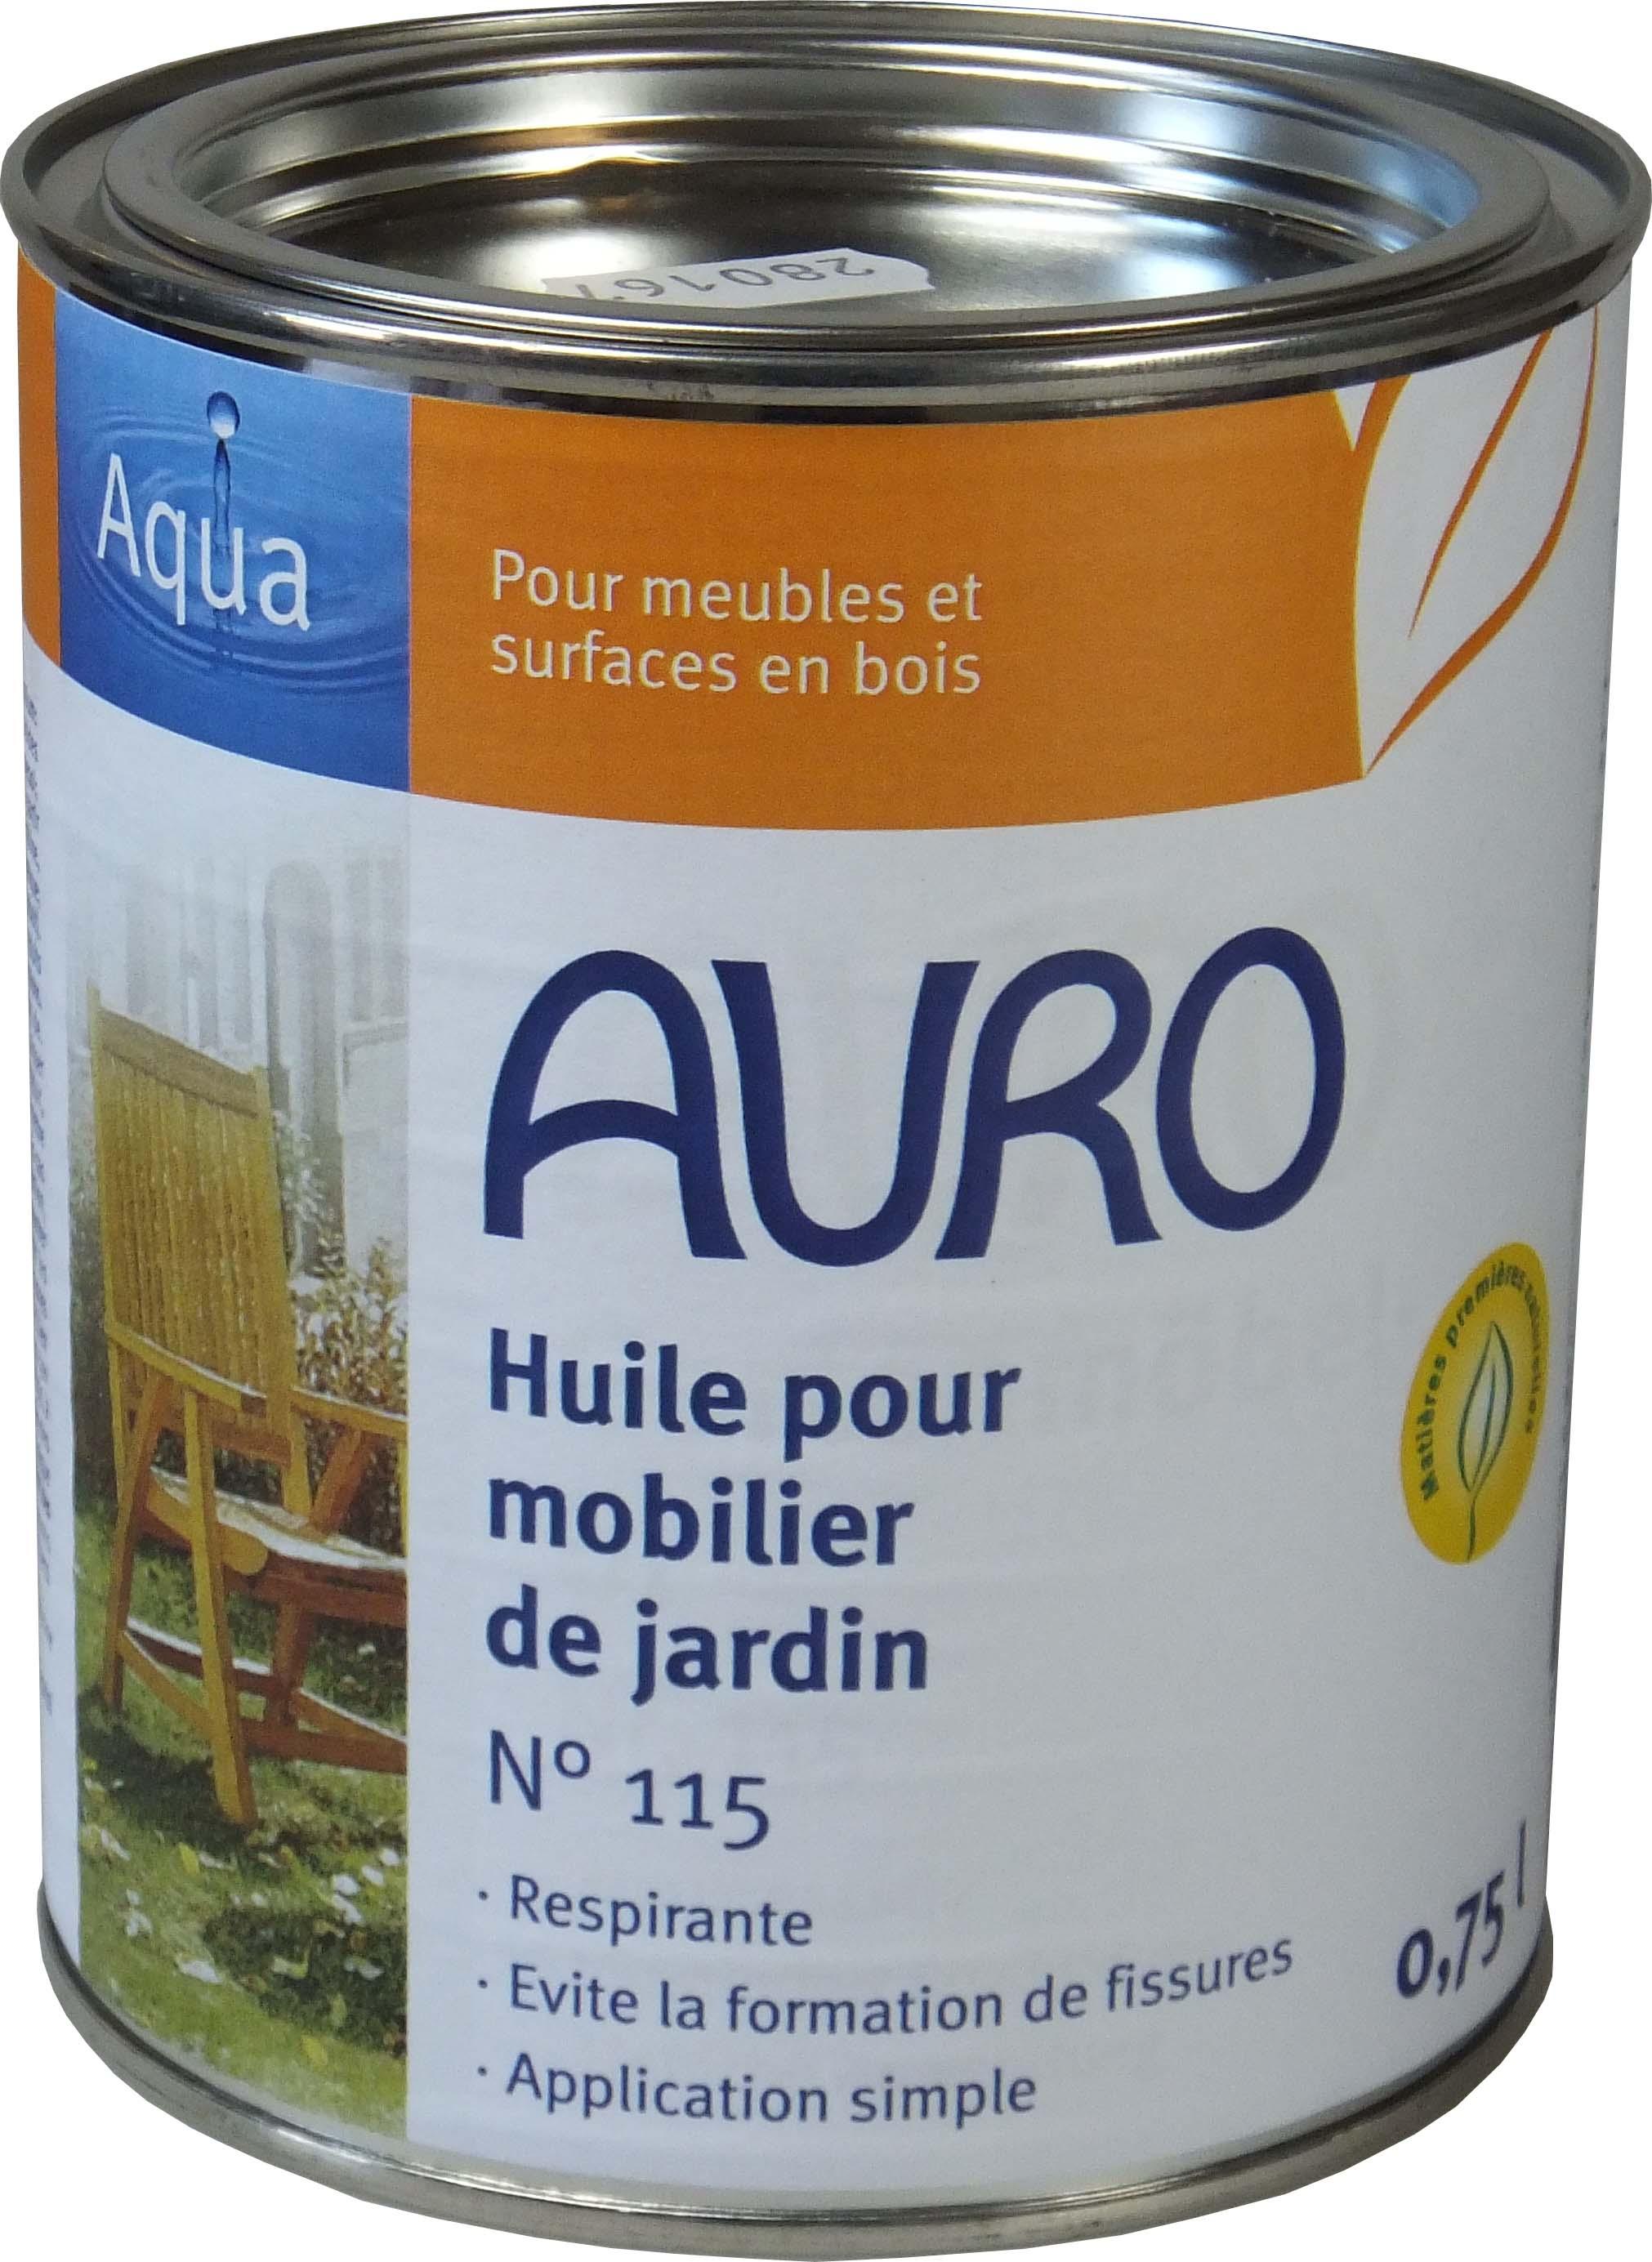 Free huile pour mobilier de jardin la maison ecologique - Huile de lin pour meuble ...